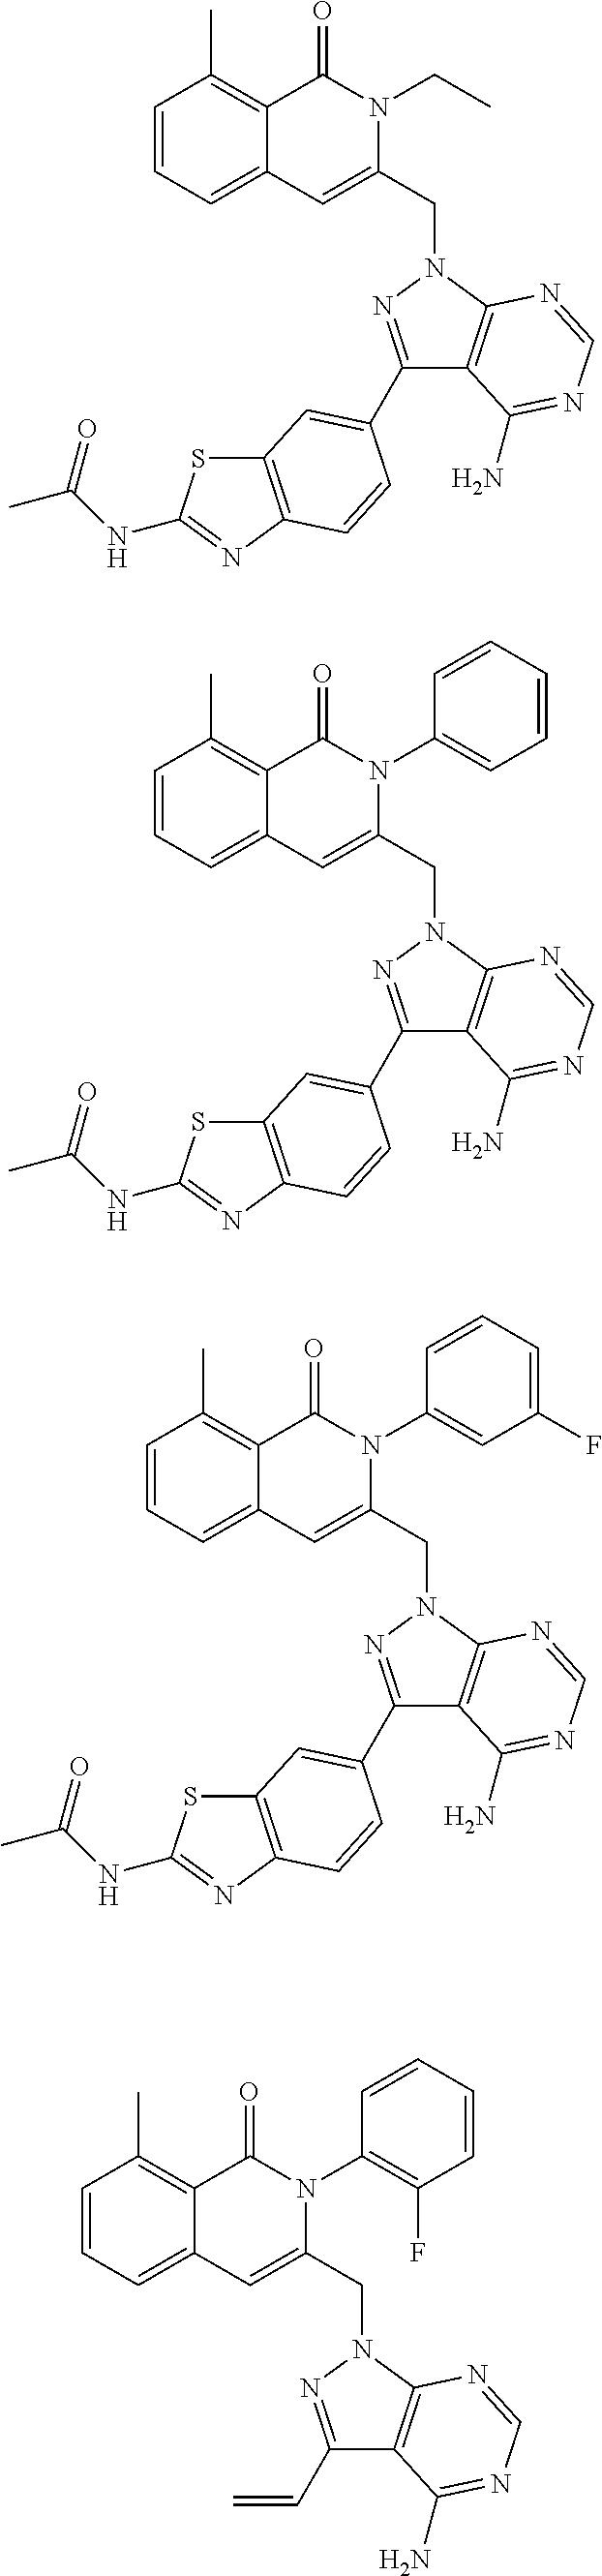 Figure US20110046165A1-20110224-C00332